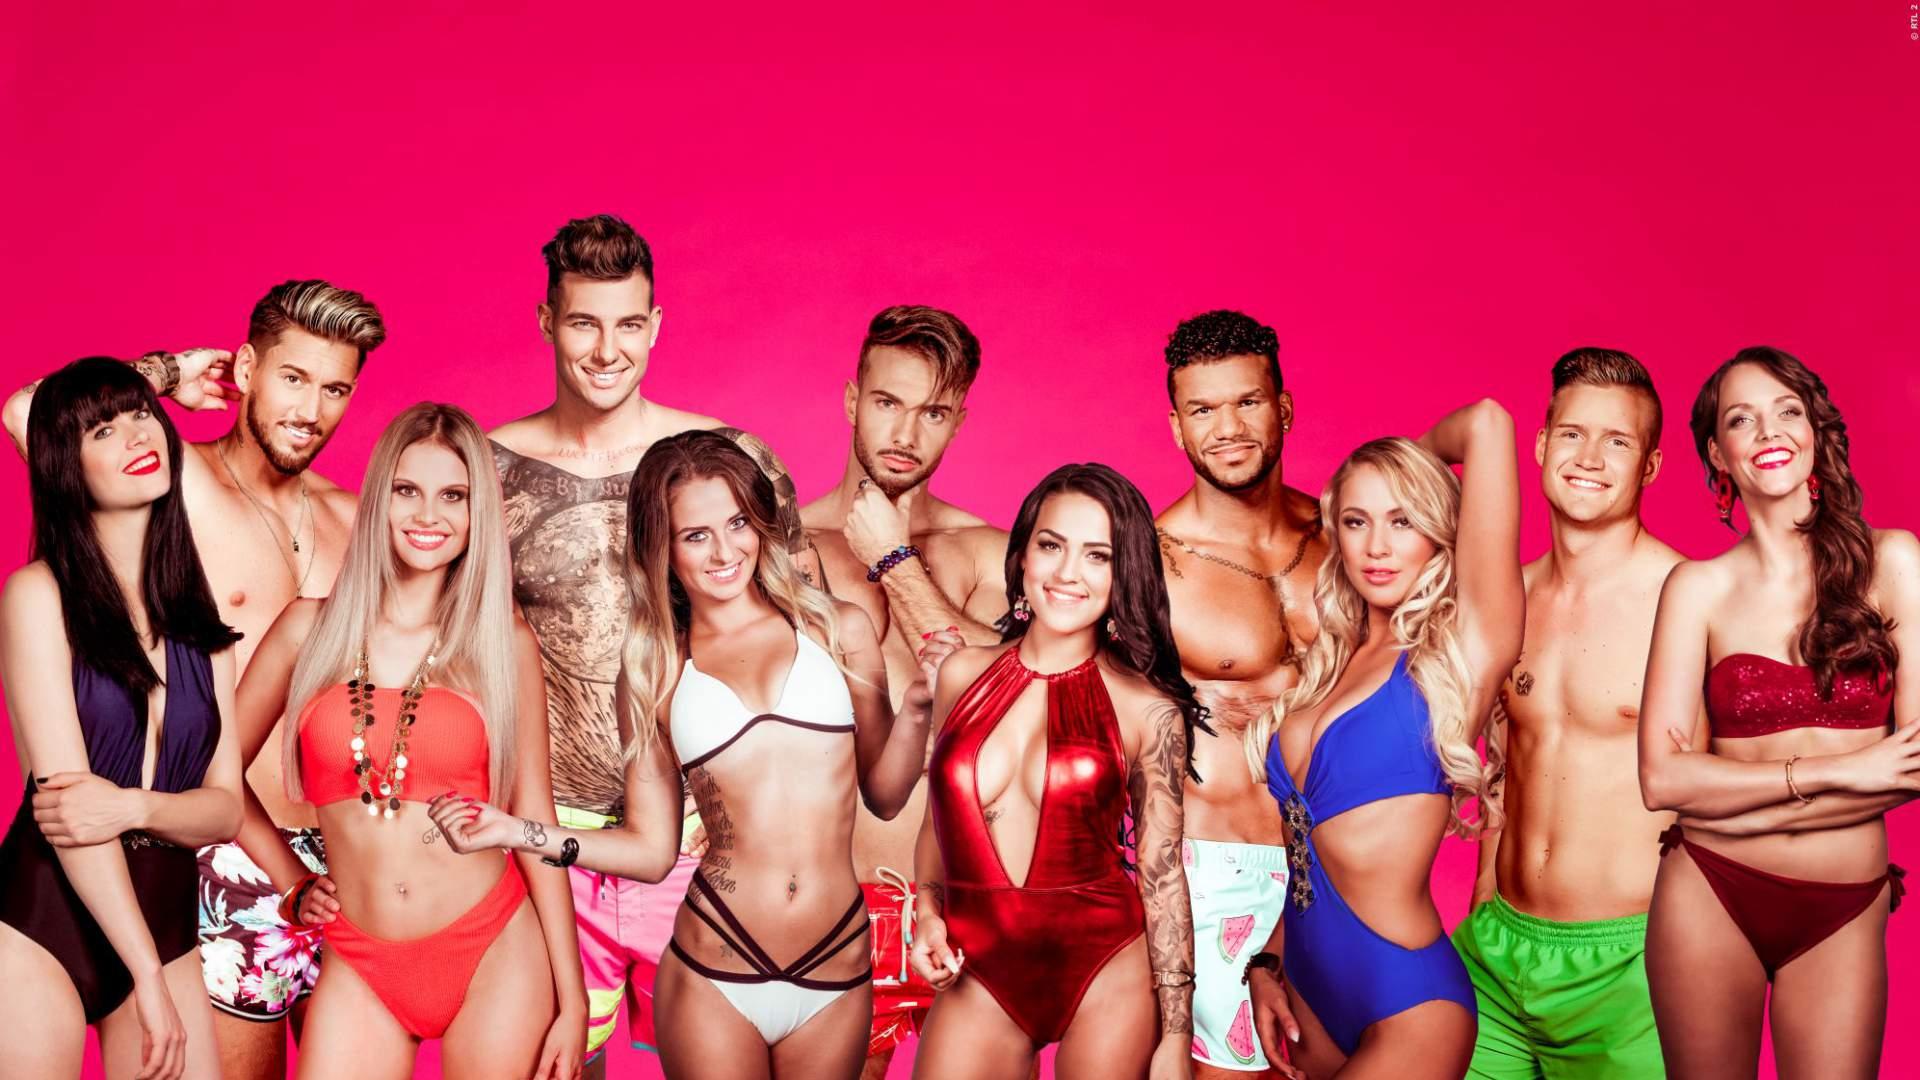 Love Island: Die Kandidaten der neuen Reality-Show - Bild 1 von 1